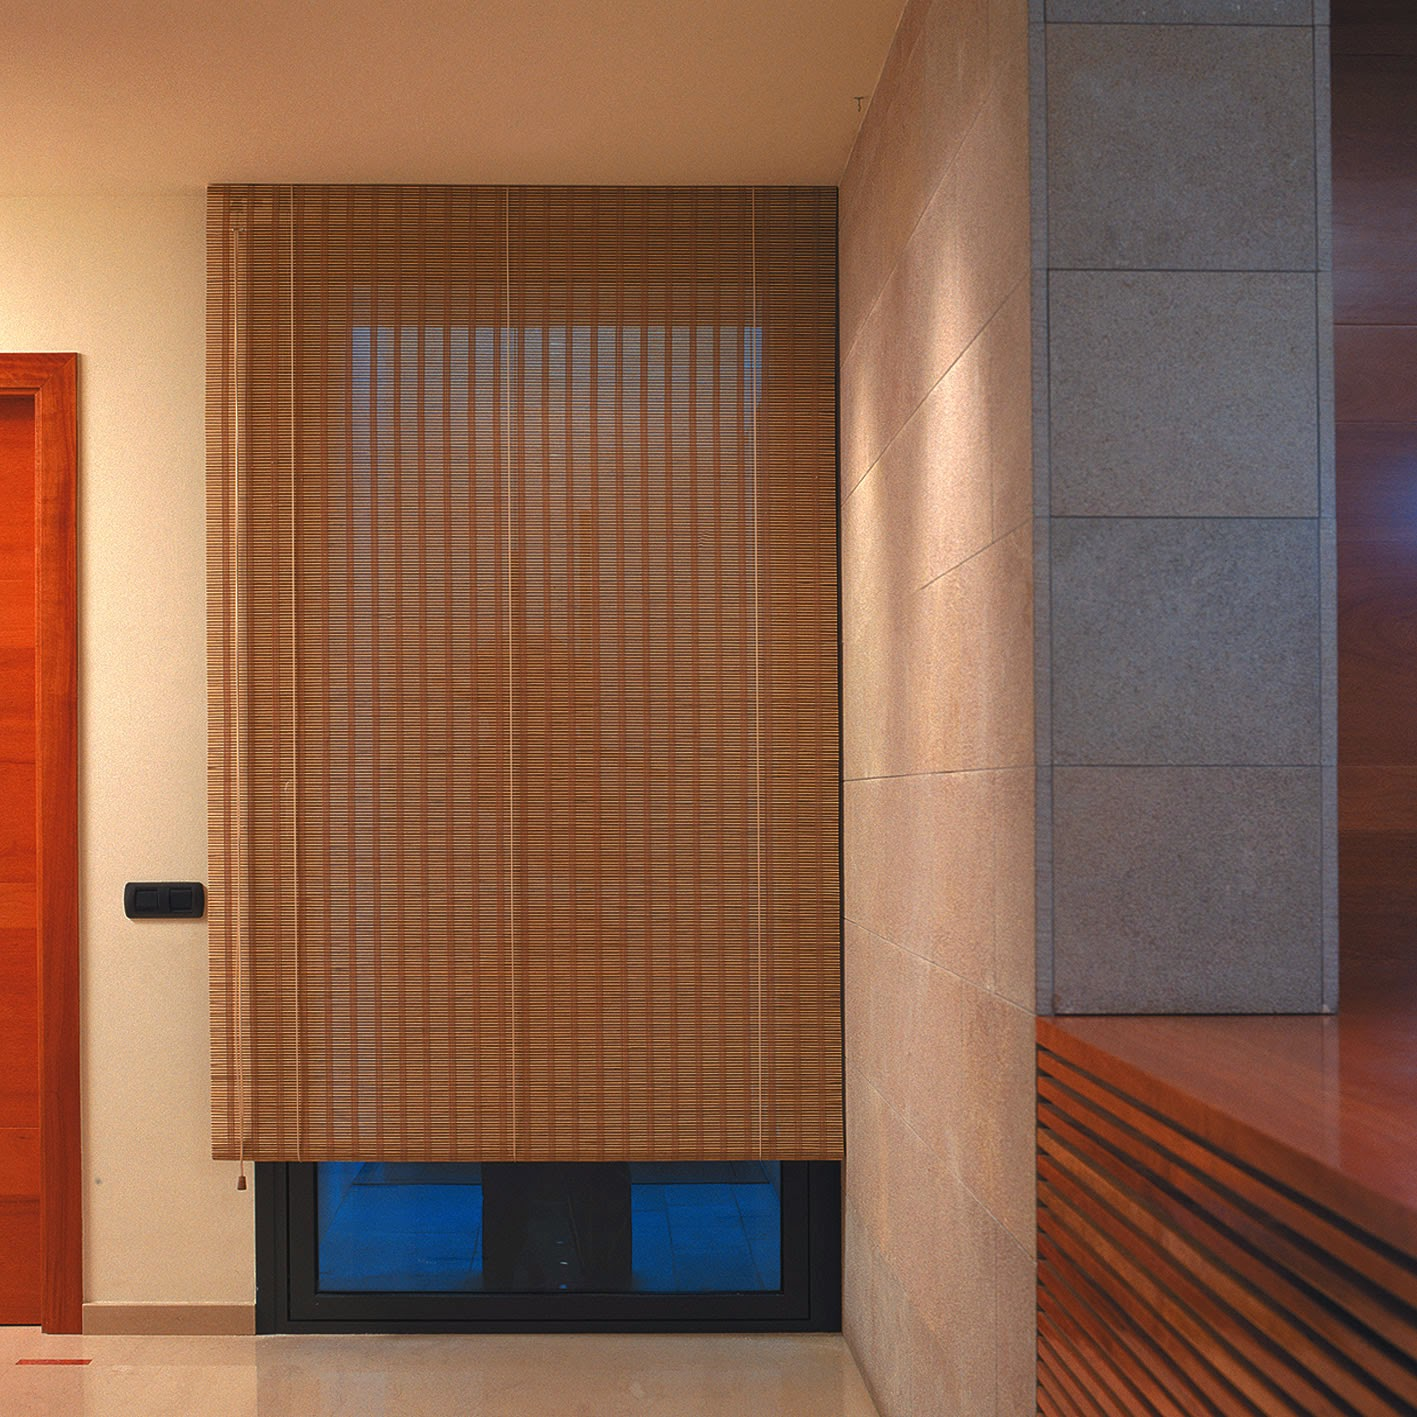 Henriflex persianas e cortinas em salvador 71 9912 9050 cortinas de bambu para porta 71 3016 - Cortinas para puertas de aluminio ...